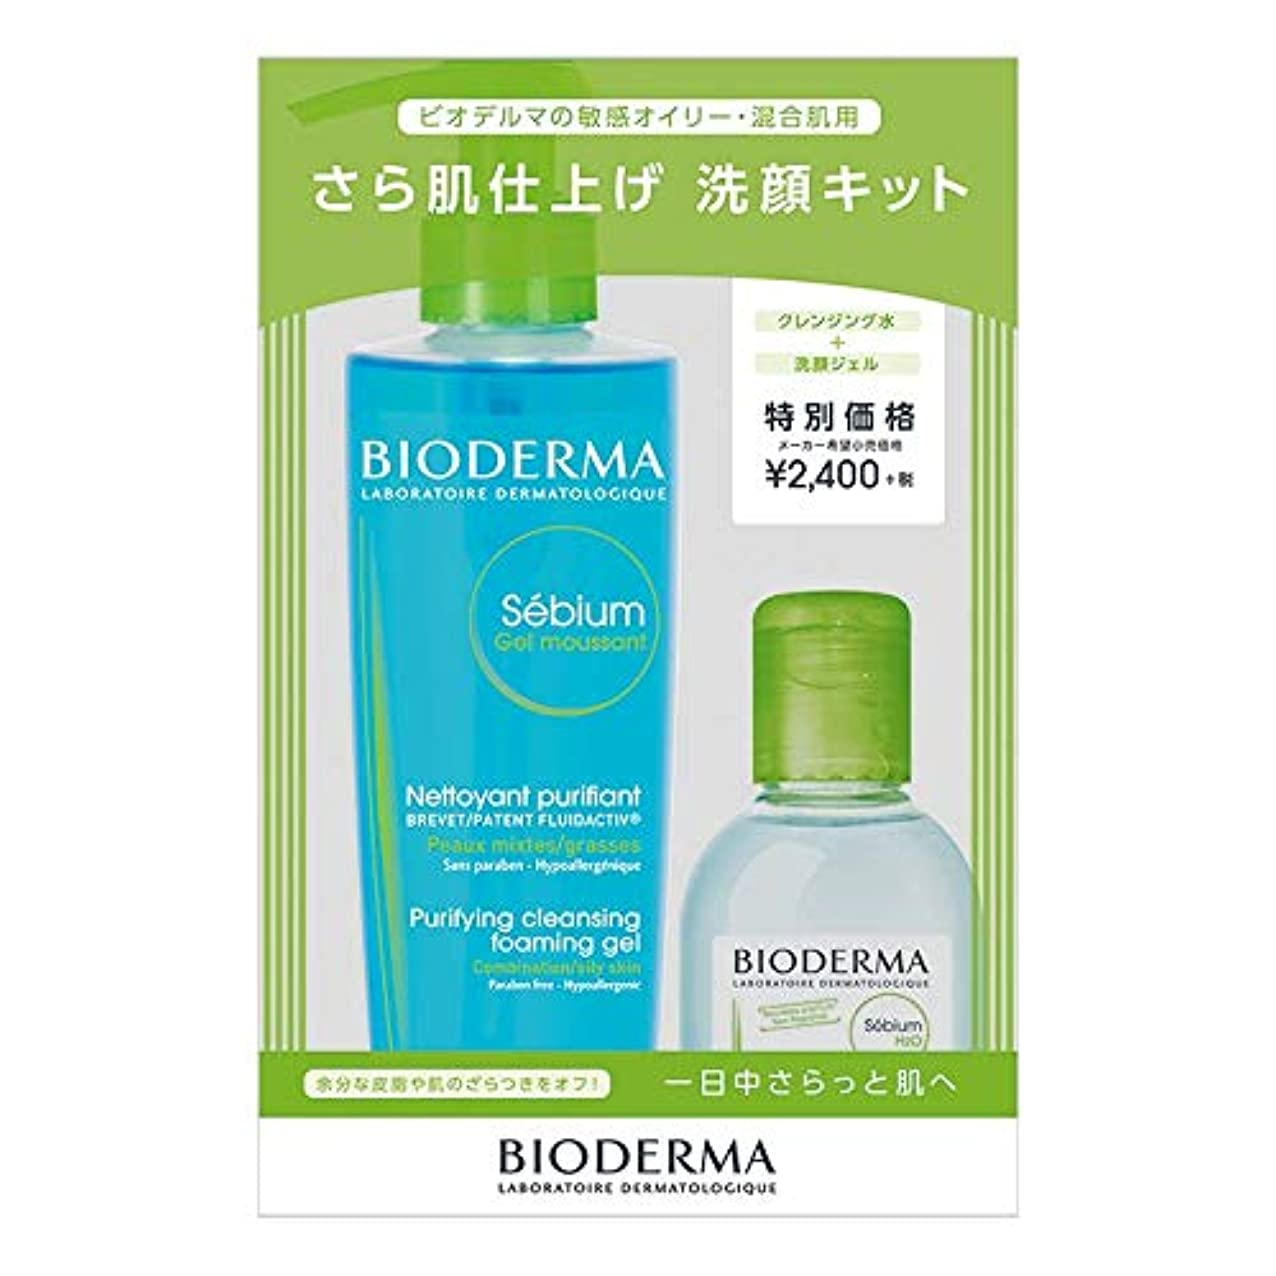 特に終点湿気の多いビオデルマ セビウム サラハダシアゲ センガンキット 洗顔 セット 200g+100ml